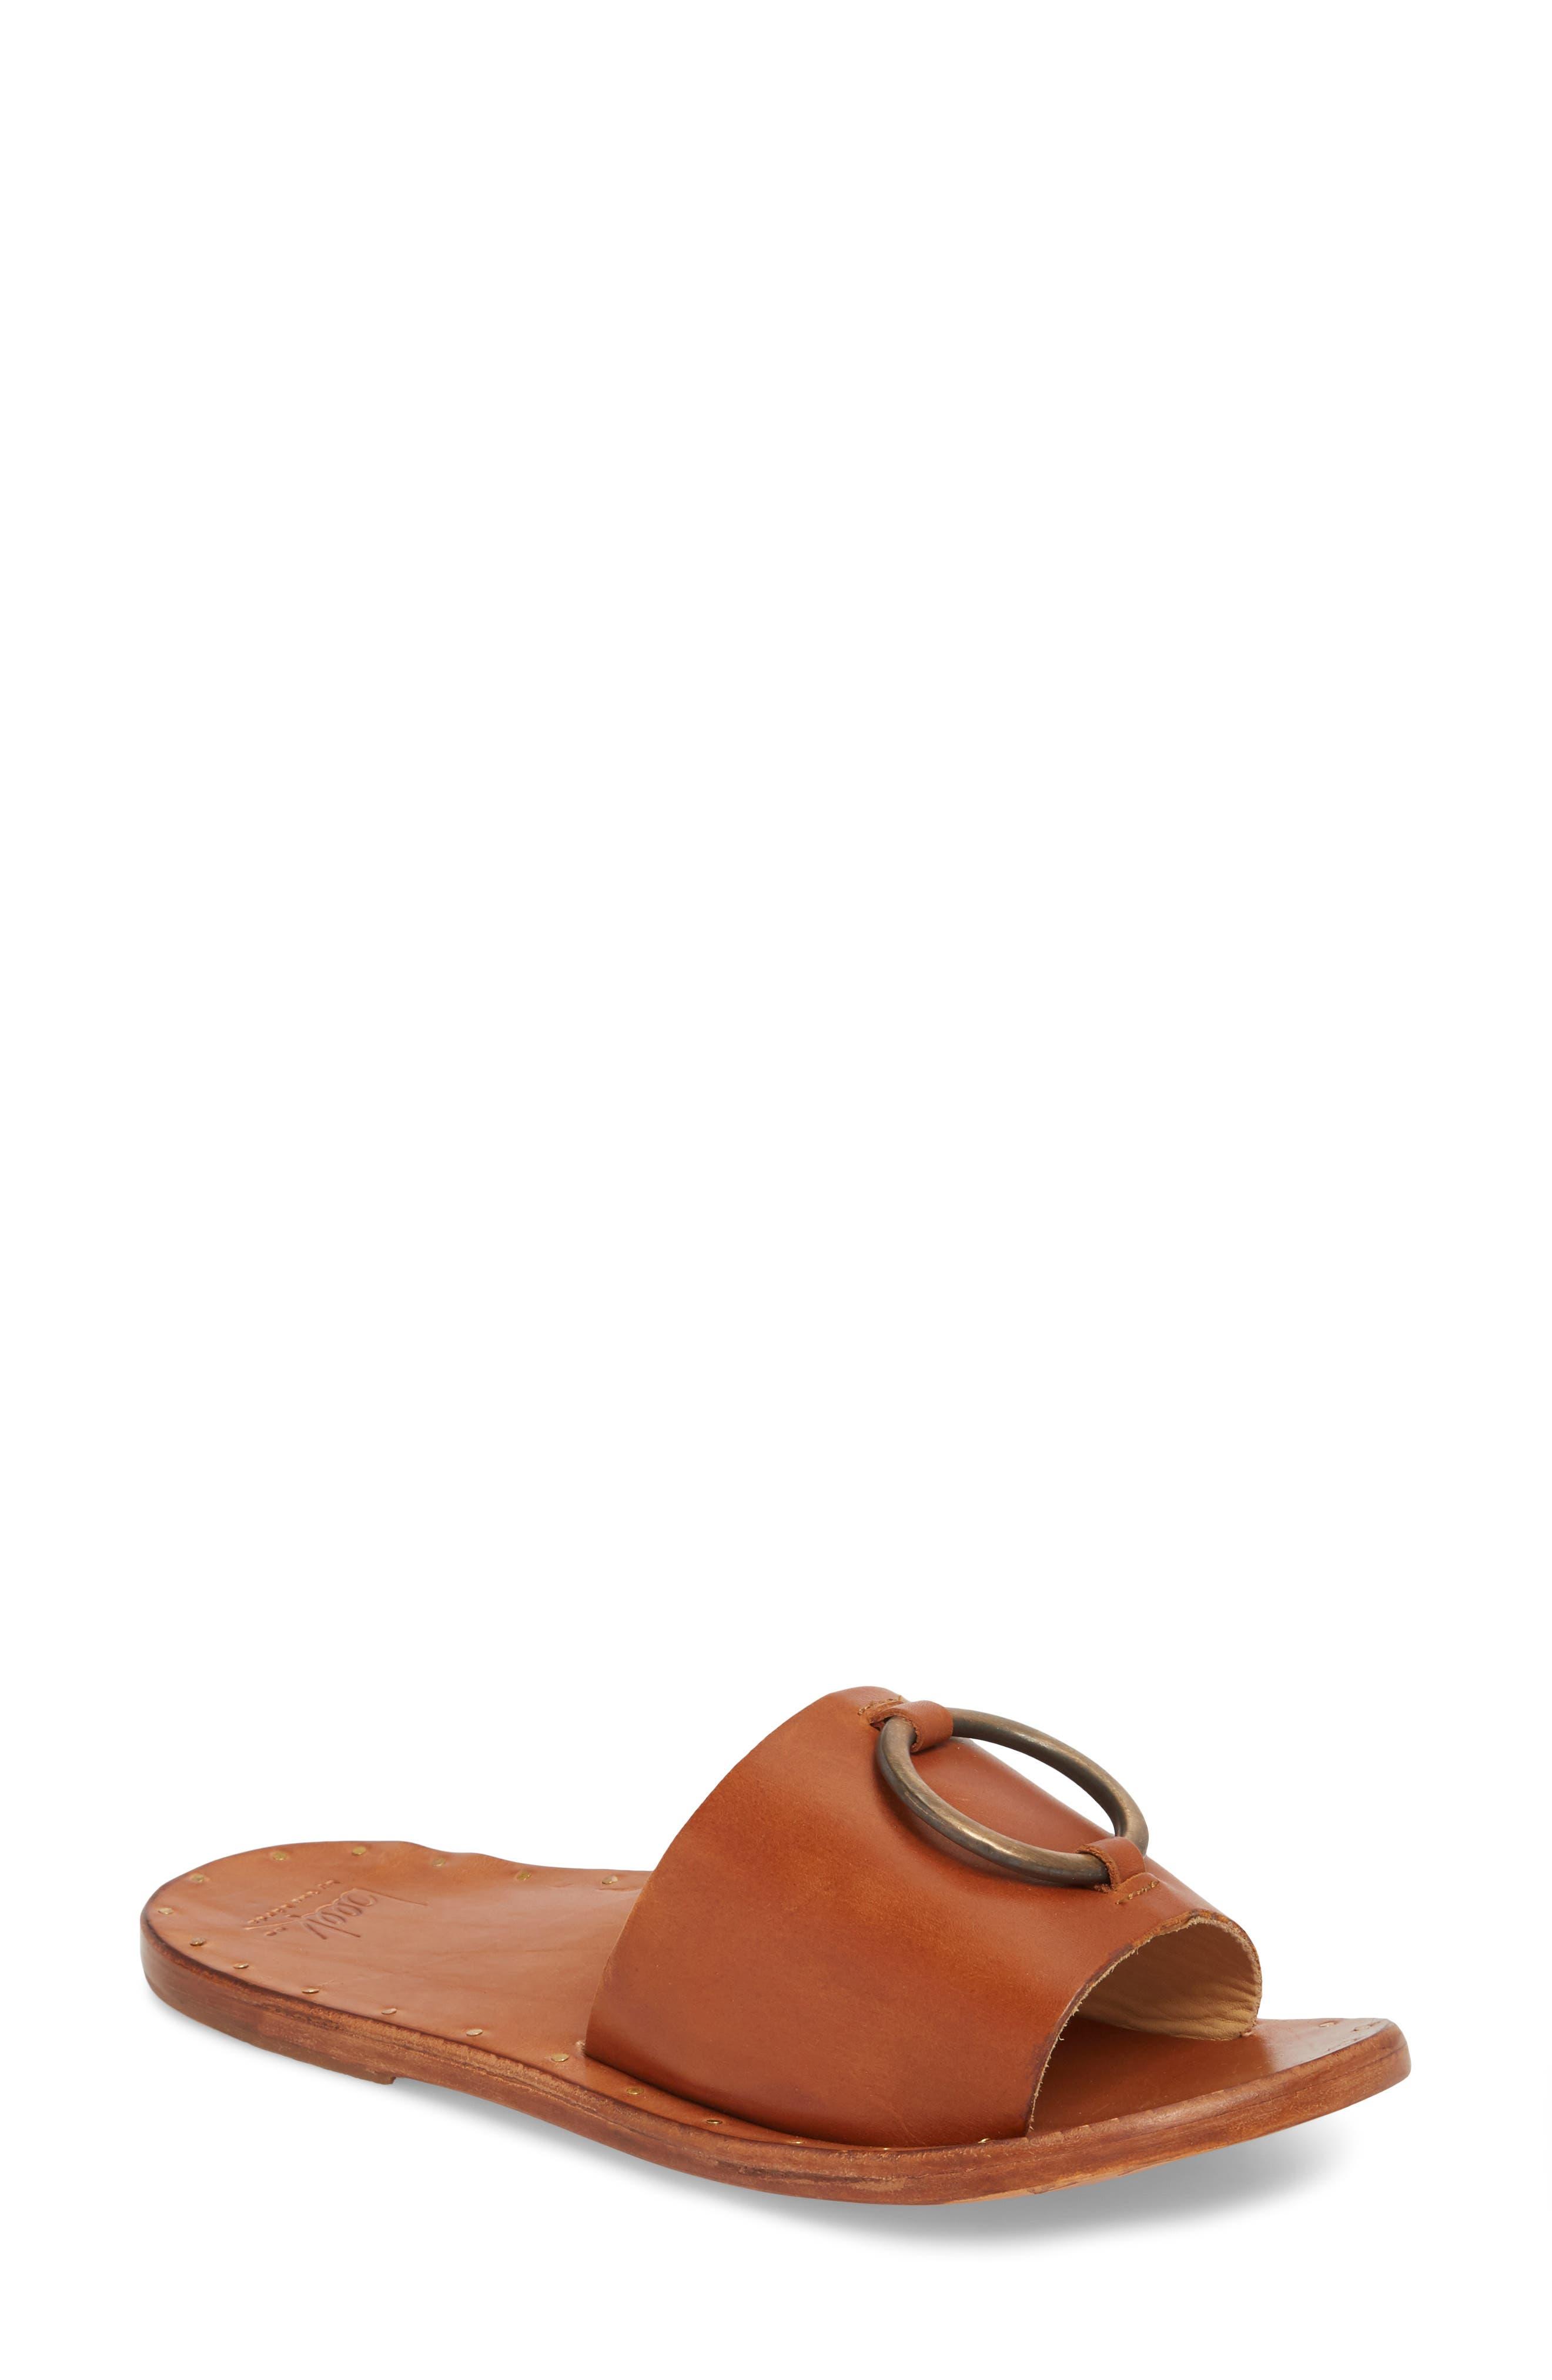 Cockatoo Slide Sandal,                             Main thumbnail 1, color,